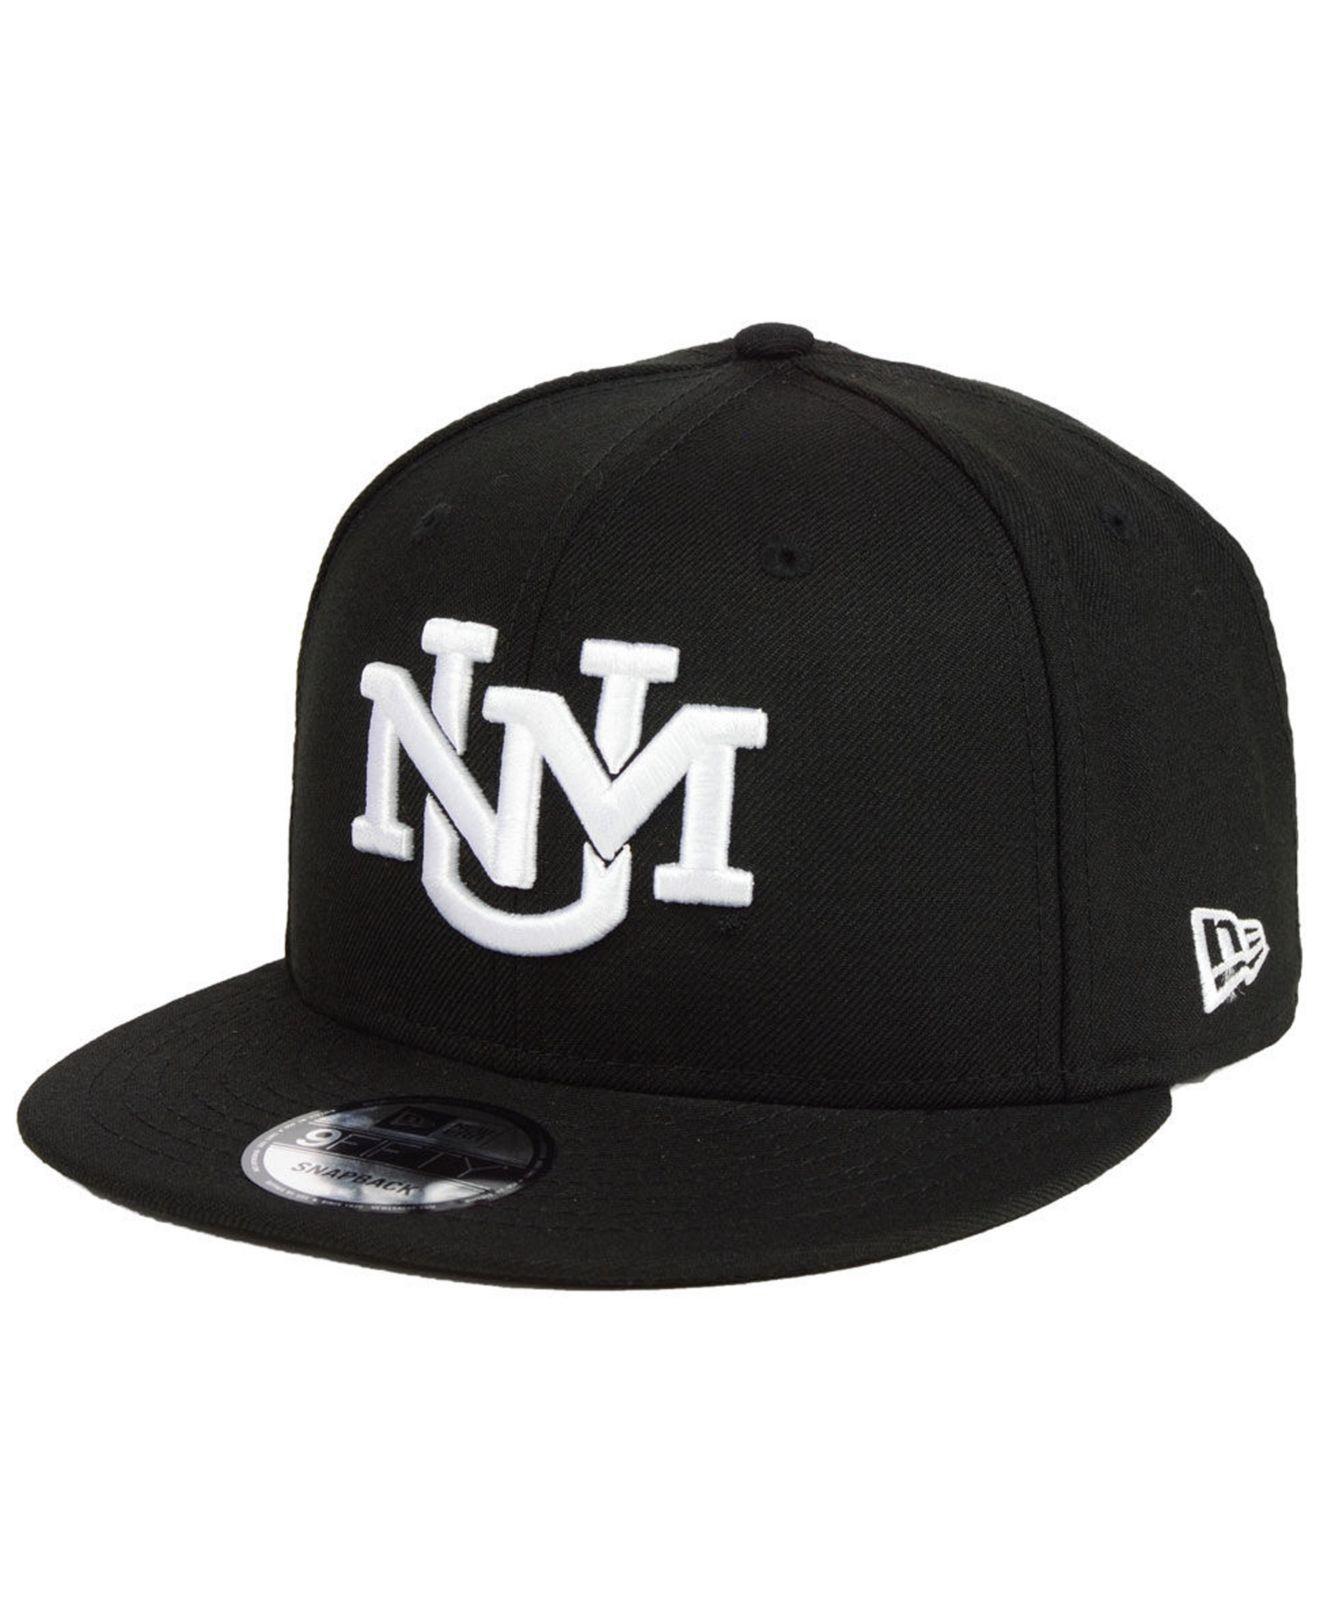 ae51312f25c Lyst - KTZ New Mexico Lobos Black White Fashion 9fifty Snapback Cap ...